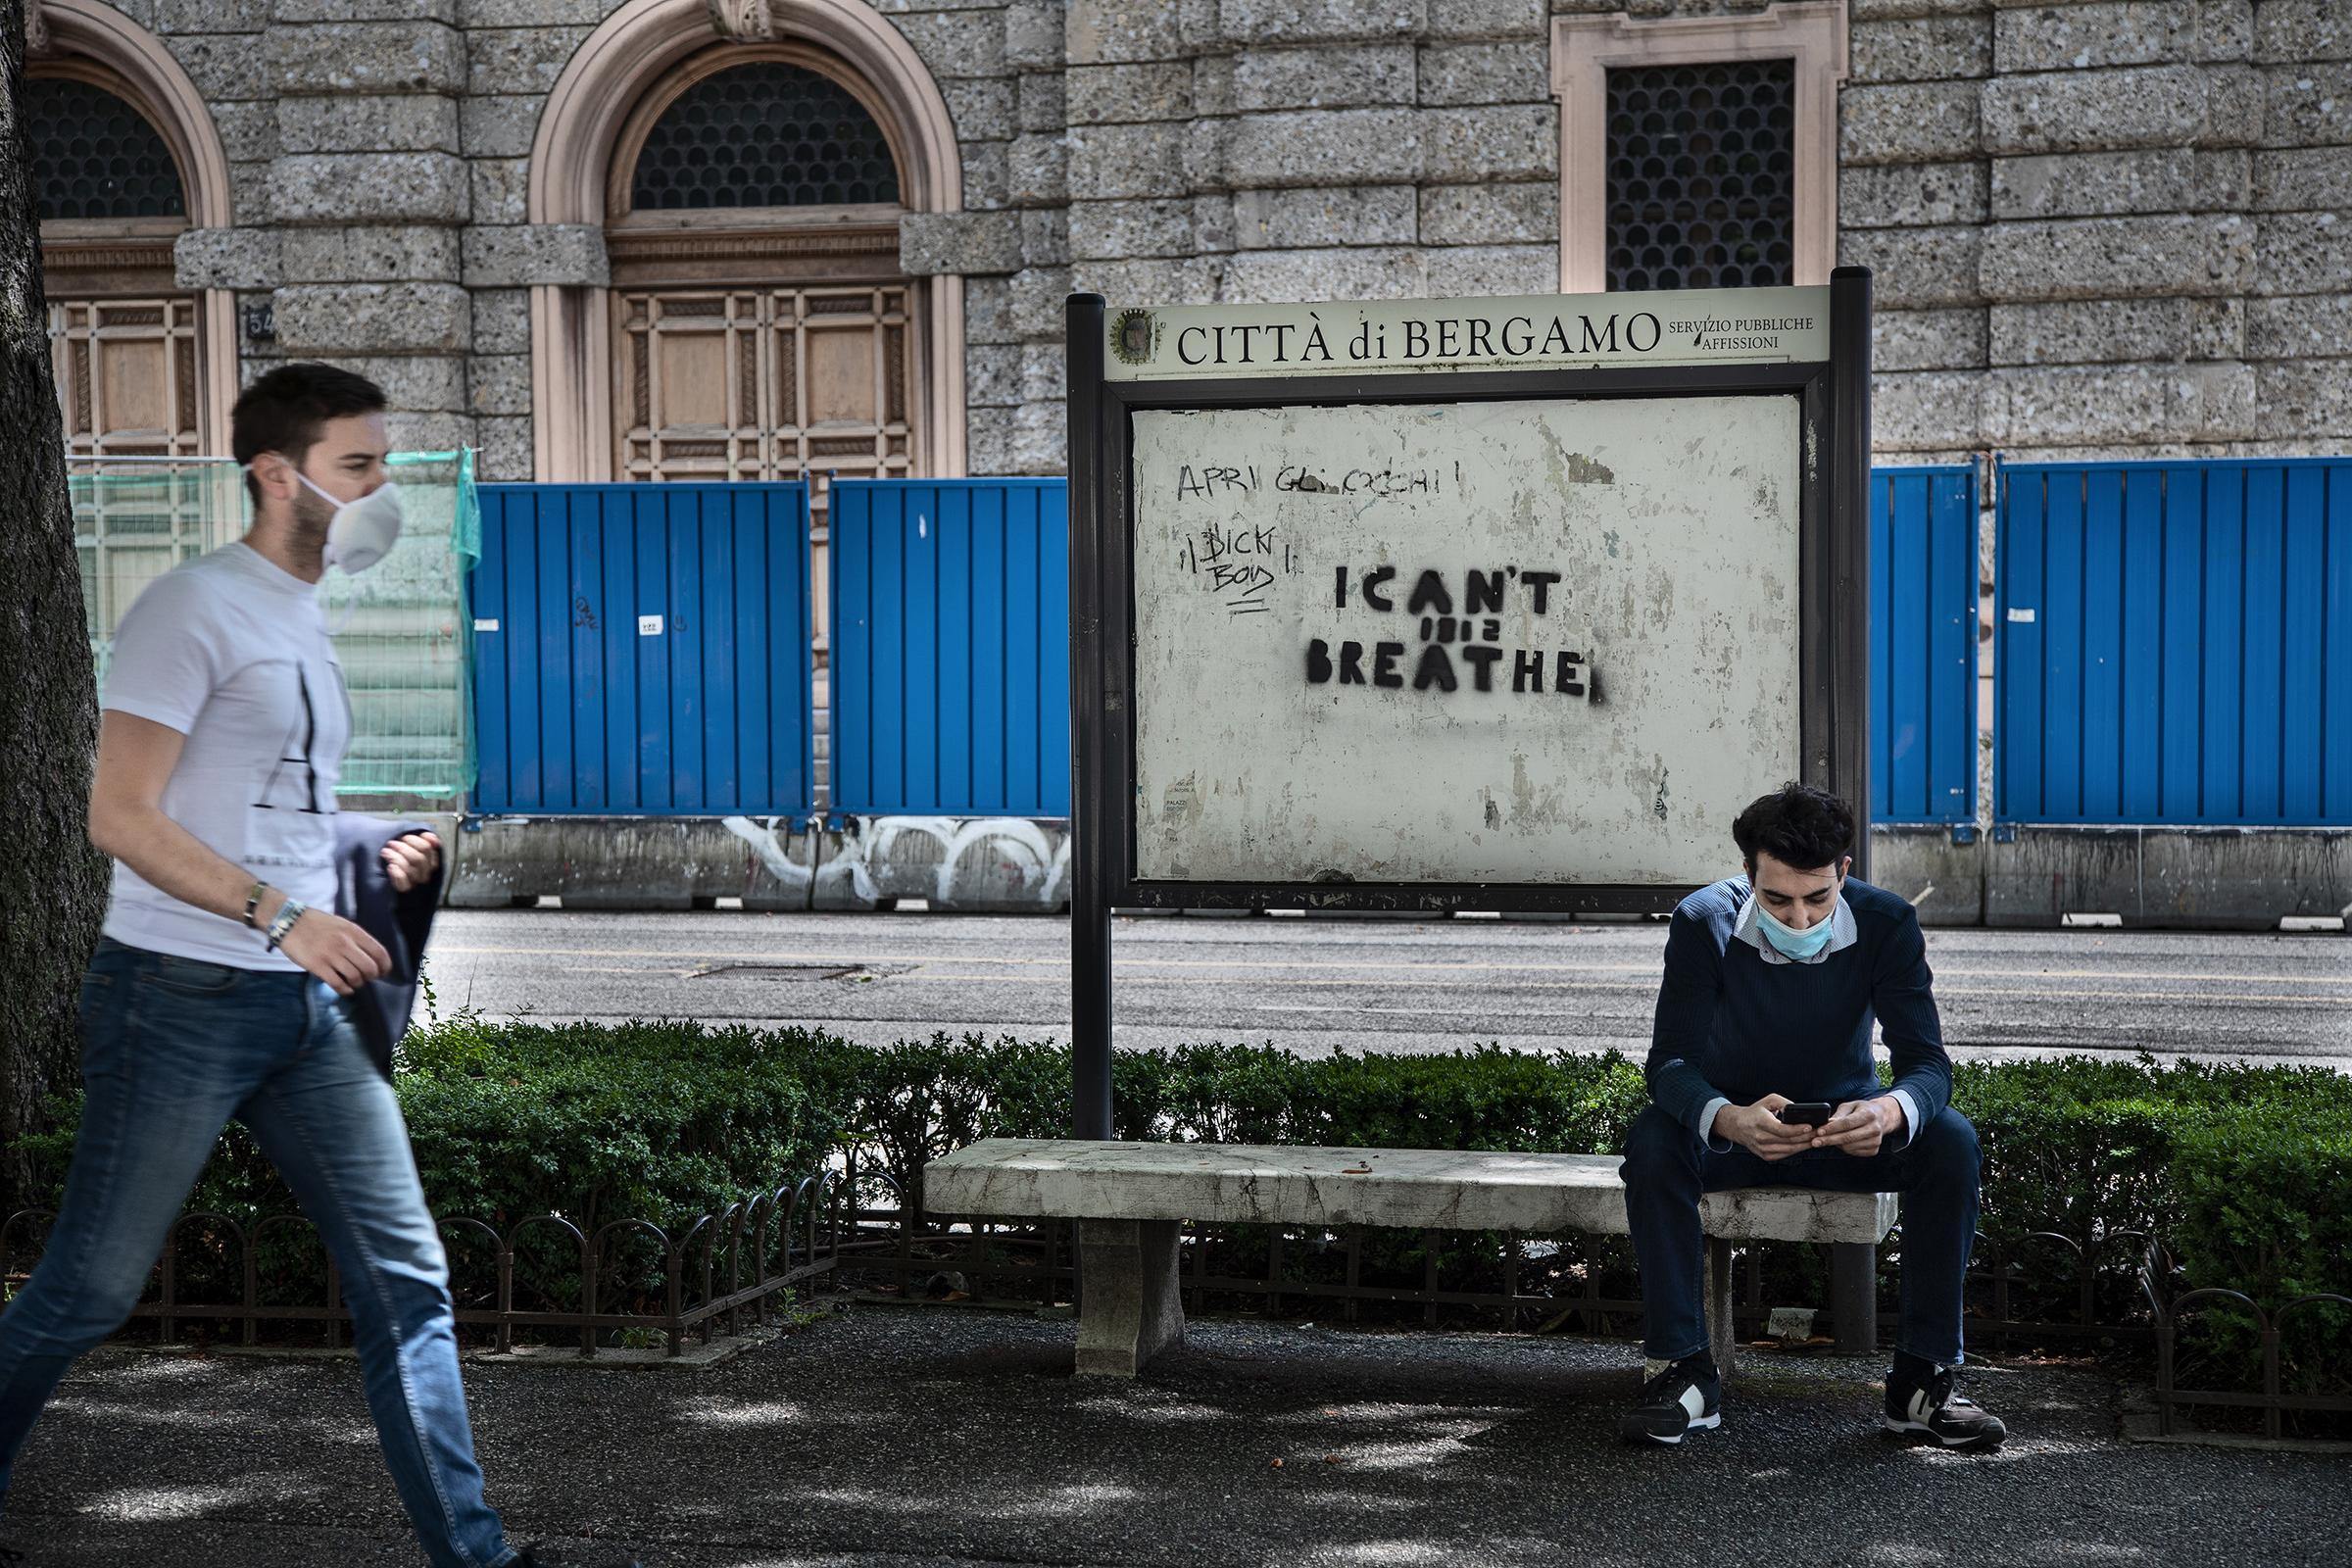 Et absurd bilde på uåret 2020 dukker opp på gaten i Bergamo: På oppslagstavla står Black lives matter-kampanjens slagord «I can´t breath» og forbi går italienere med munnbind. Rundt 75 000 mennesker puster ikke lenger etter at de døde av korona i Italia i 2020. Omtrent samtidig kvalte en hvit politimann George Floyd til døde ved å presse kneet sitt mot halsen hans i USA, og black lives matter-kampanjen skjøt fart.